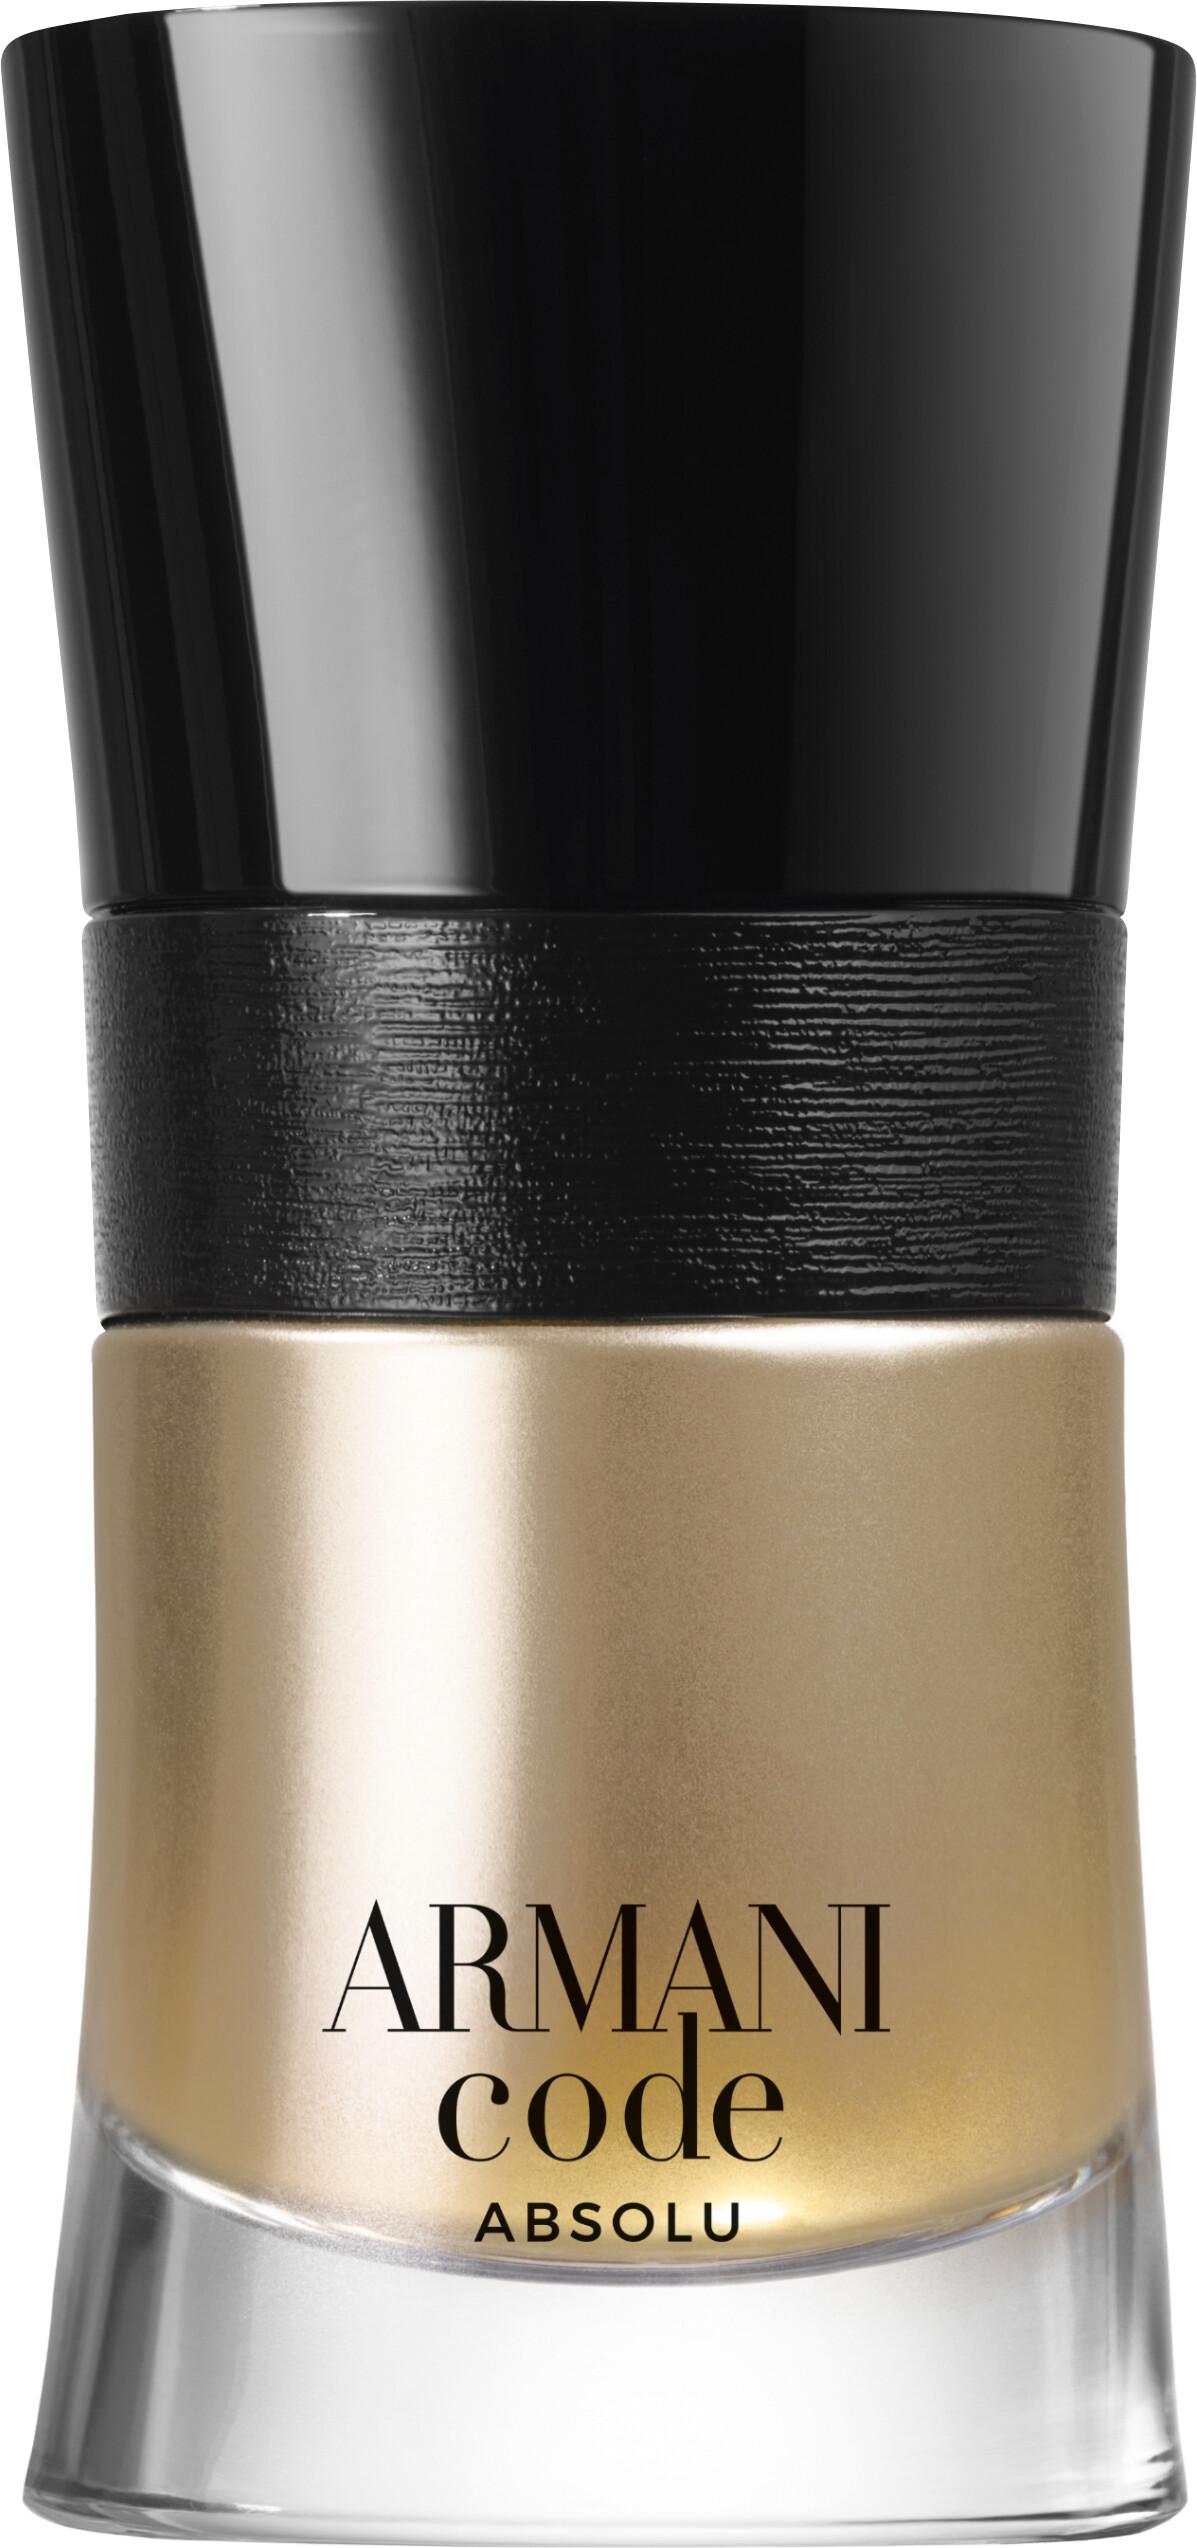 7f6cddc789 ... Giorgio Armani Code Absolu Eau de Parfum Spray 30ml ...